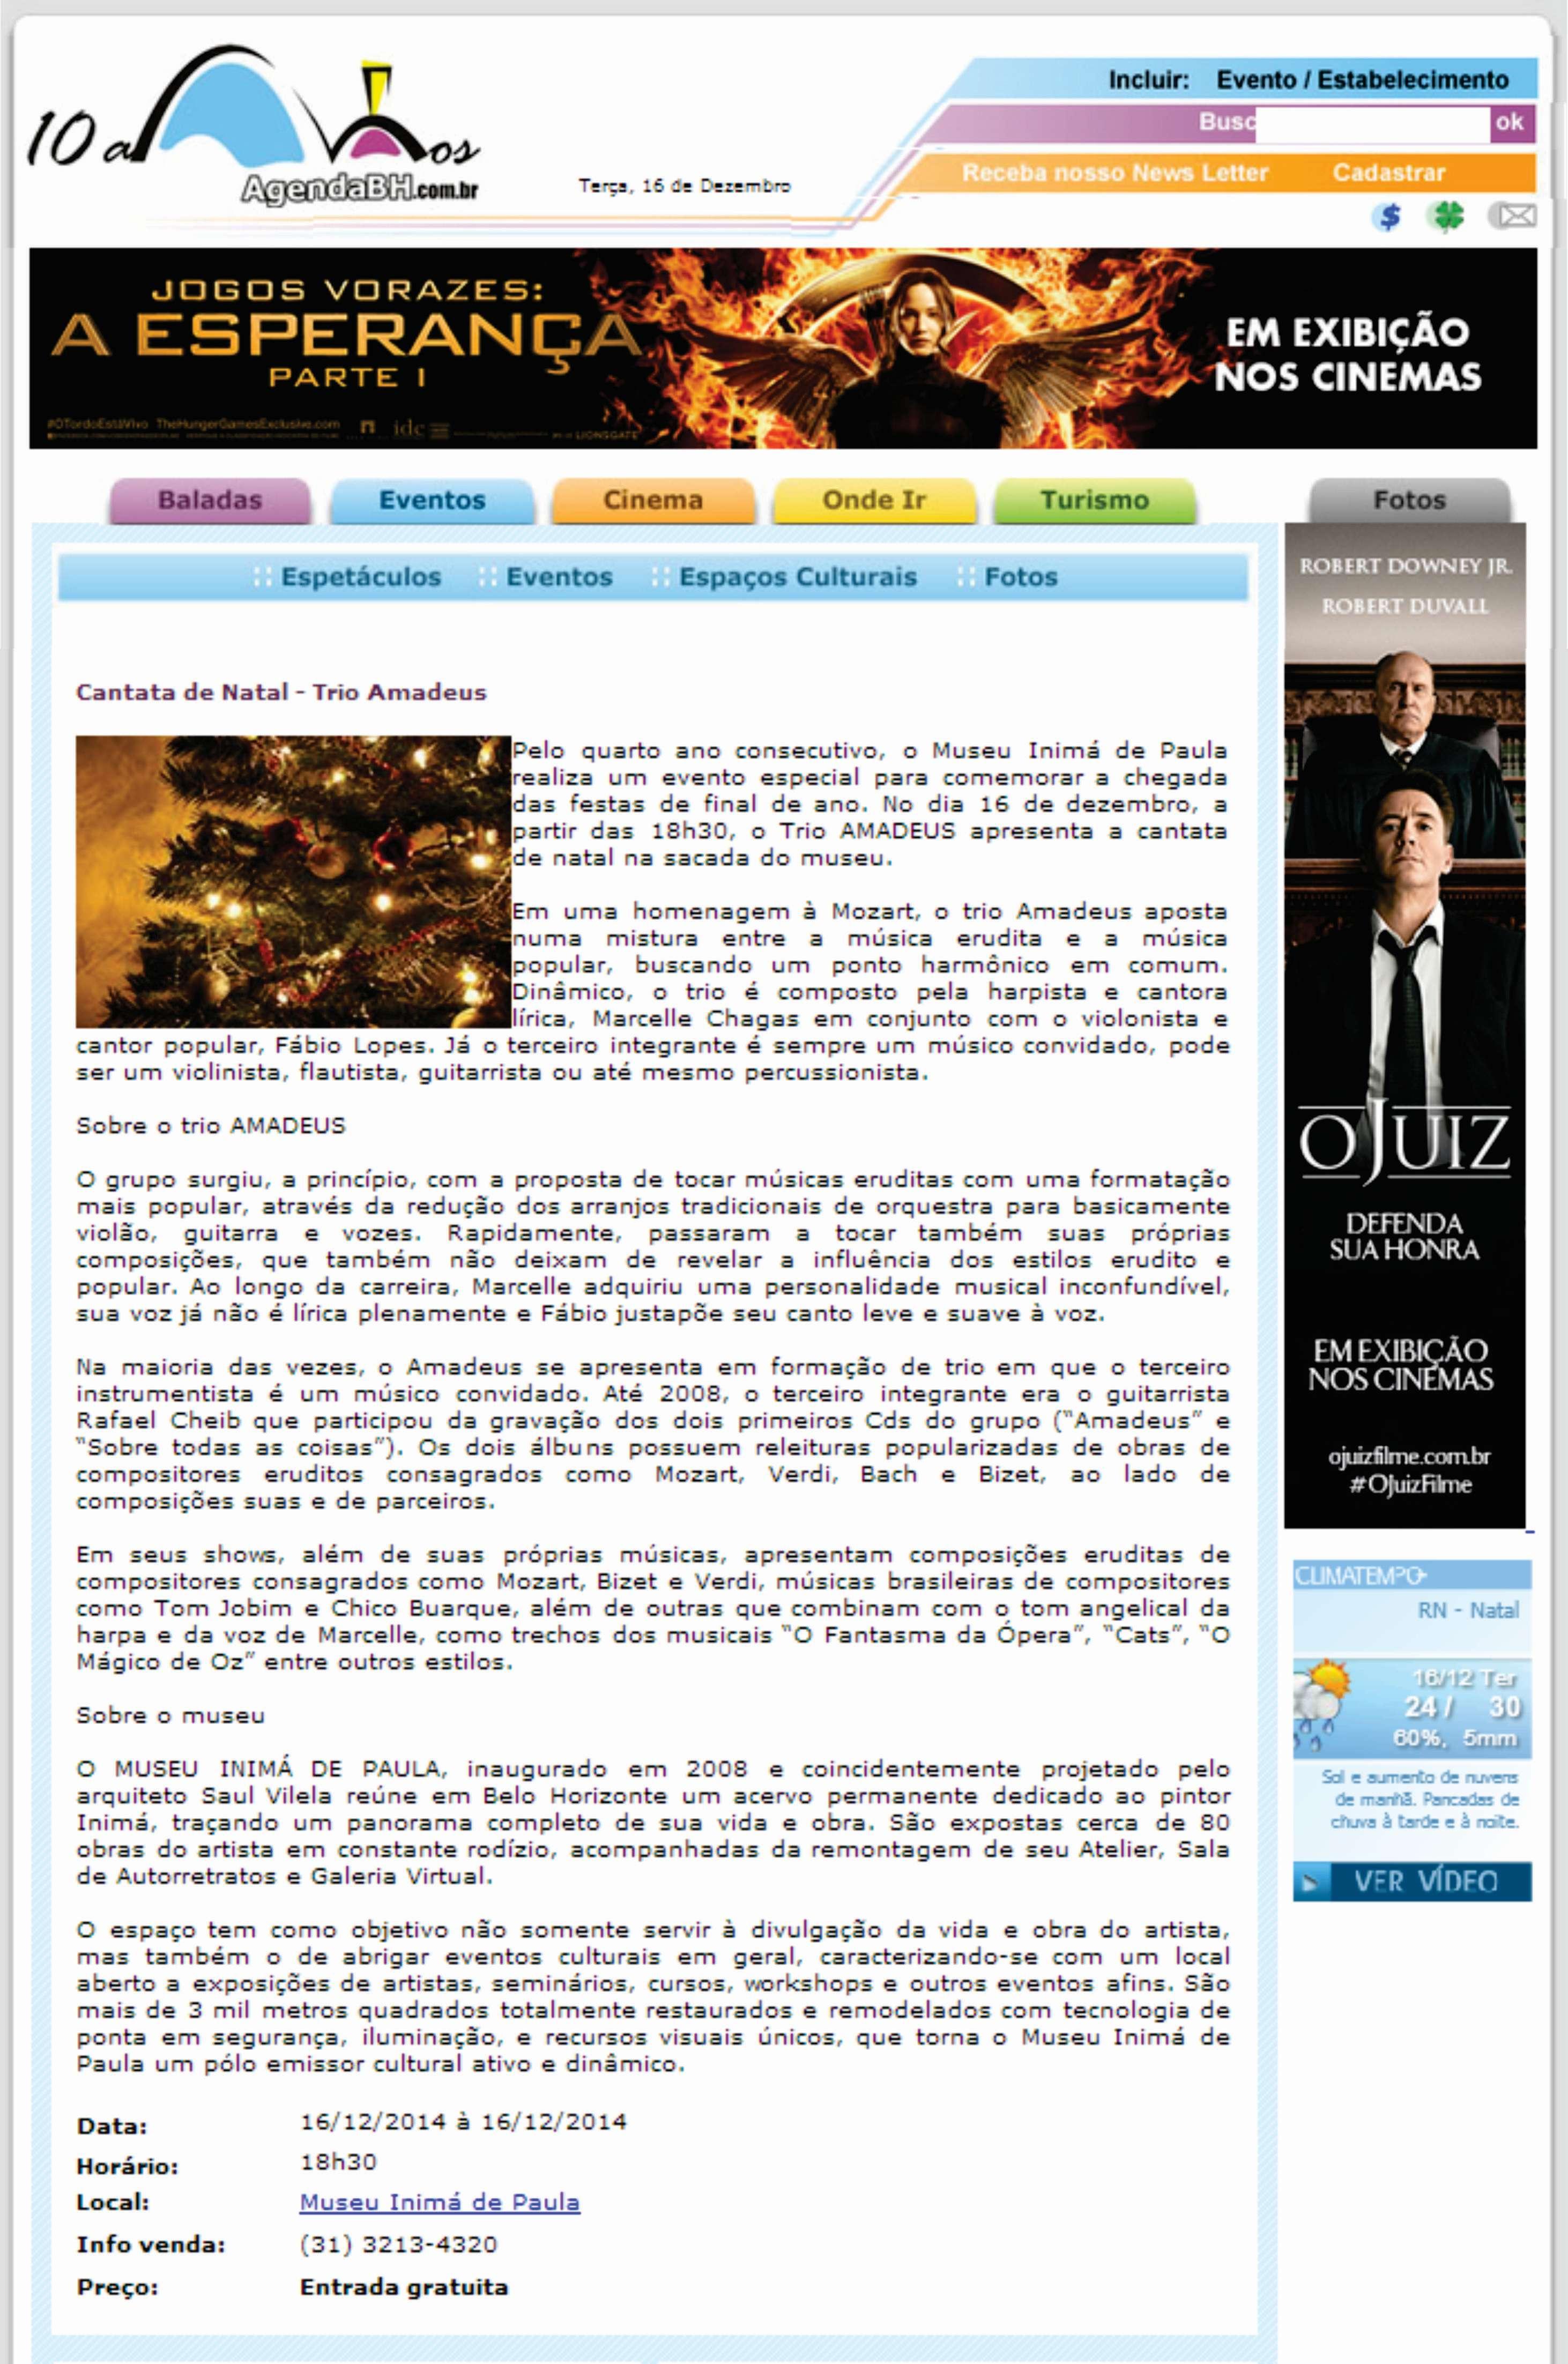 Inim+í_de_Paula_-_Site_Agenda_BH_-_16-12-2014.jpg